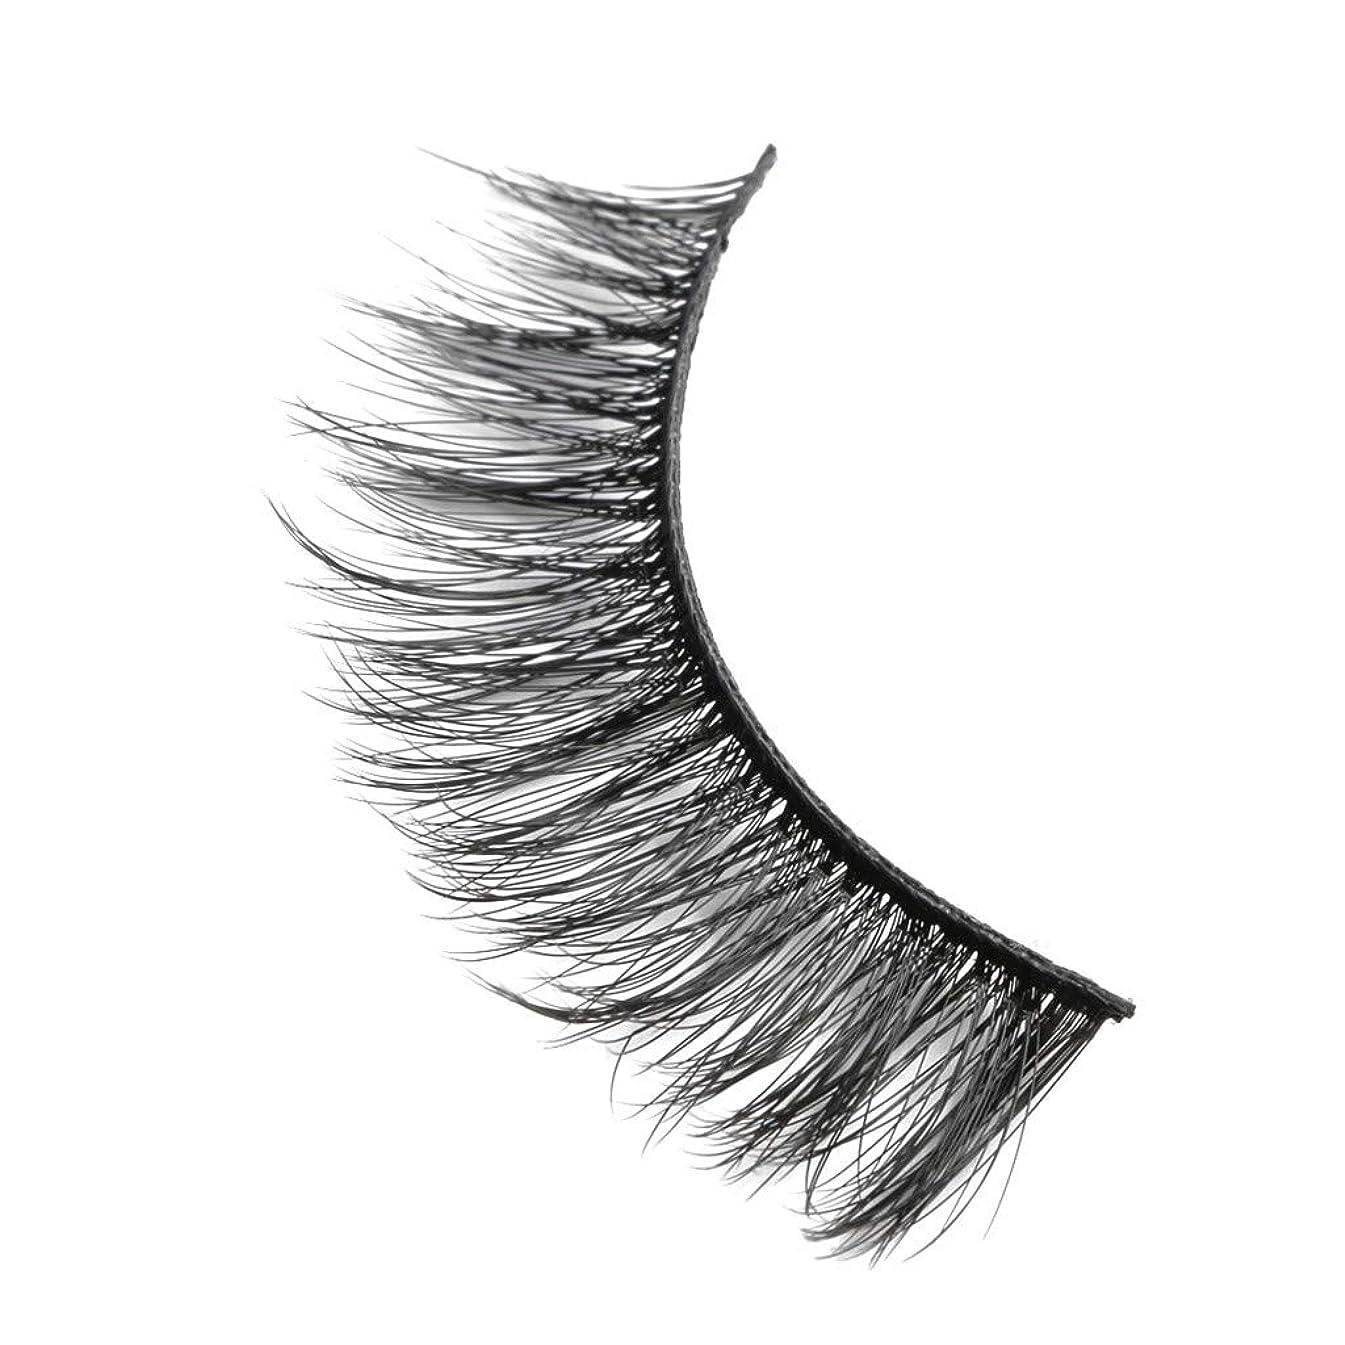 オアシスマナーショートカットPosmant 10ペア 新製品 人気 ロータスプレート 3D ミンクの髪 つけまつげ 睫毛 化粧品 美しさ 眼 つけまつげ ファッション レディースファッション プラスチック ブラック テリア 長続きがする化粧 防水 魅力的な 柔らかい髪 長いまつげ